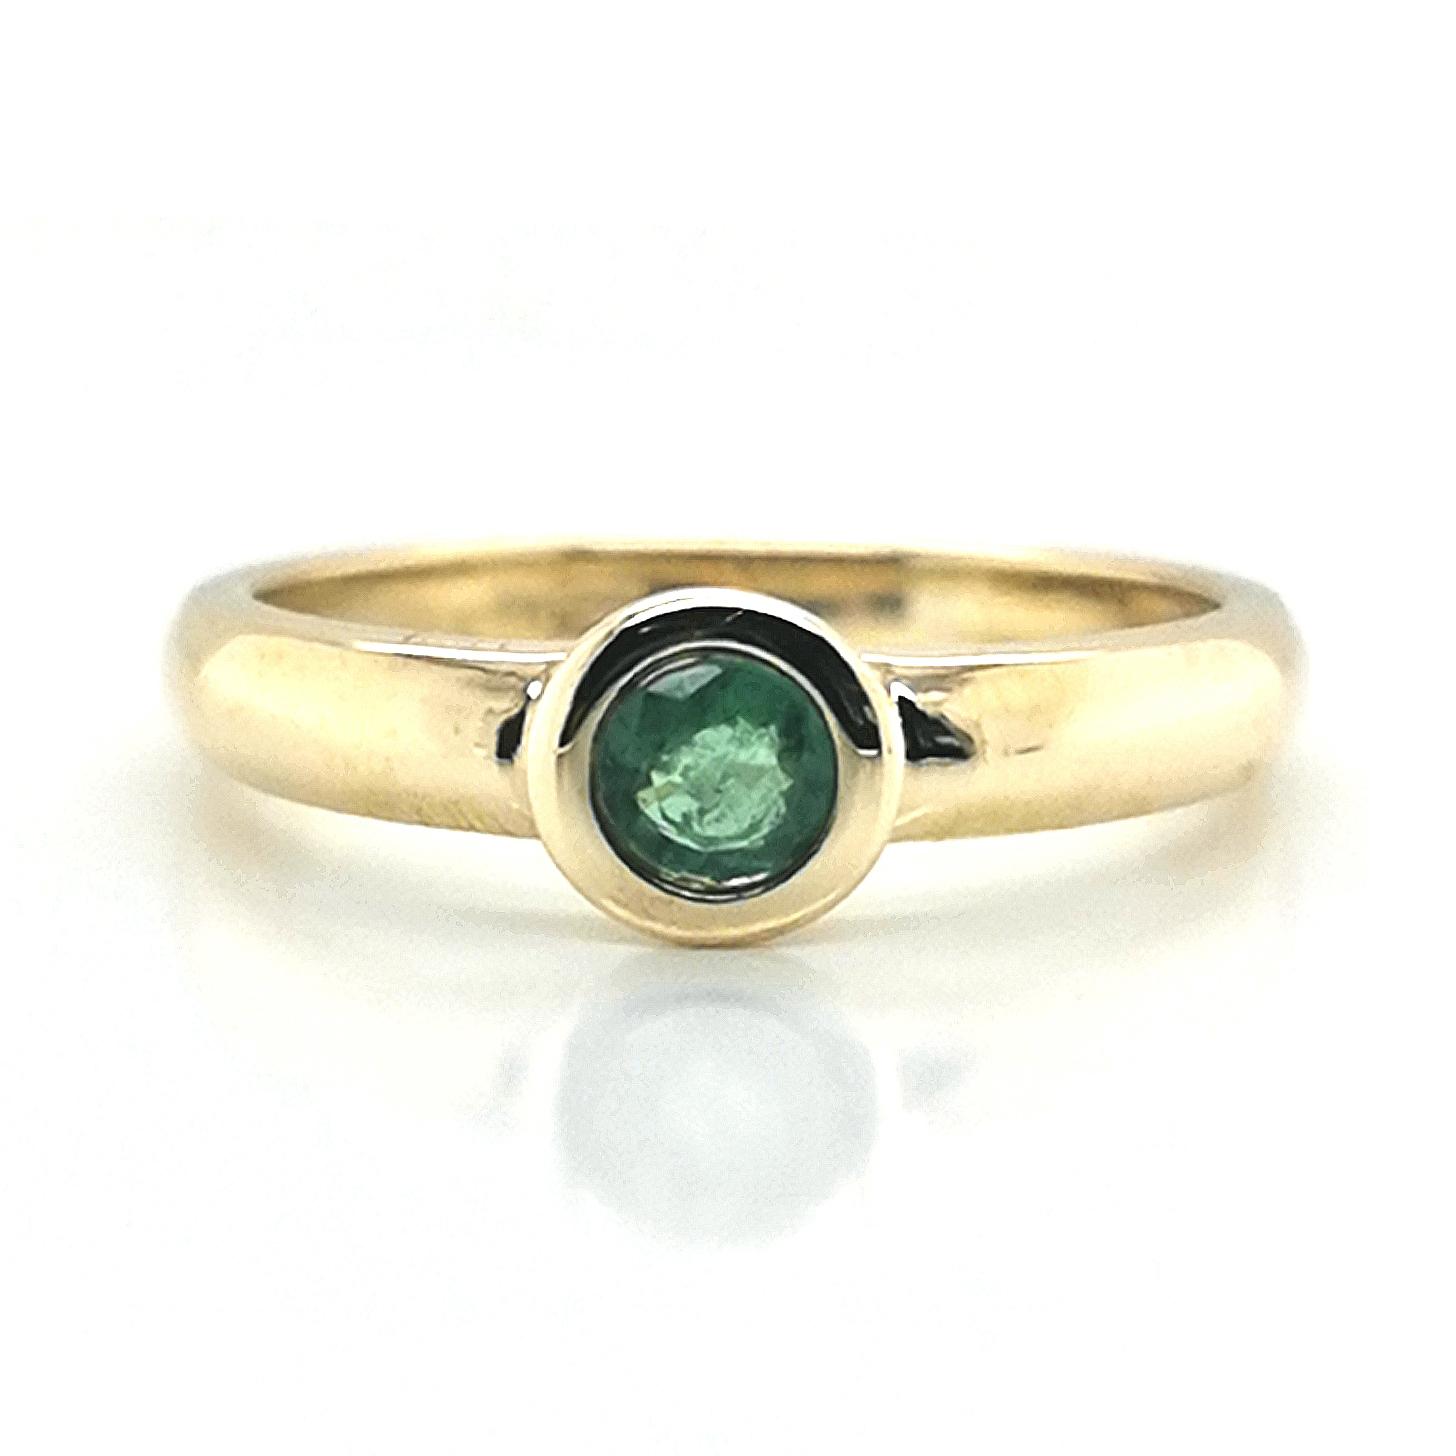 Smaragd grün ca. 0,25 ct Edelstein Gelbgold 375/000 hochglanzpoliert Ring Sogni d´oro